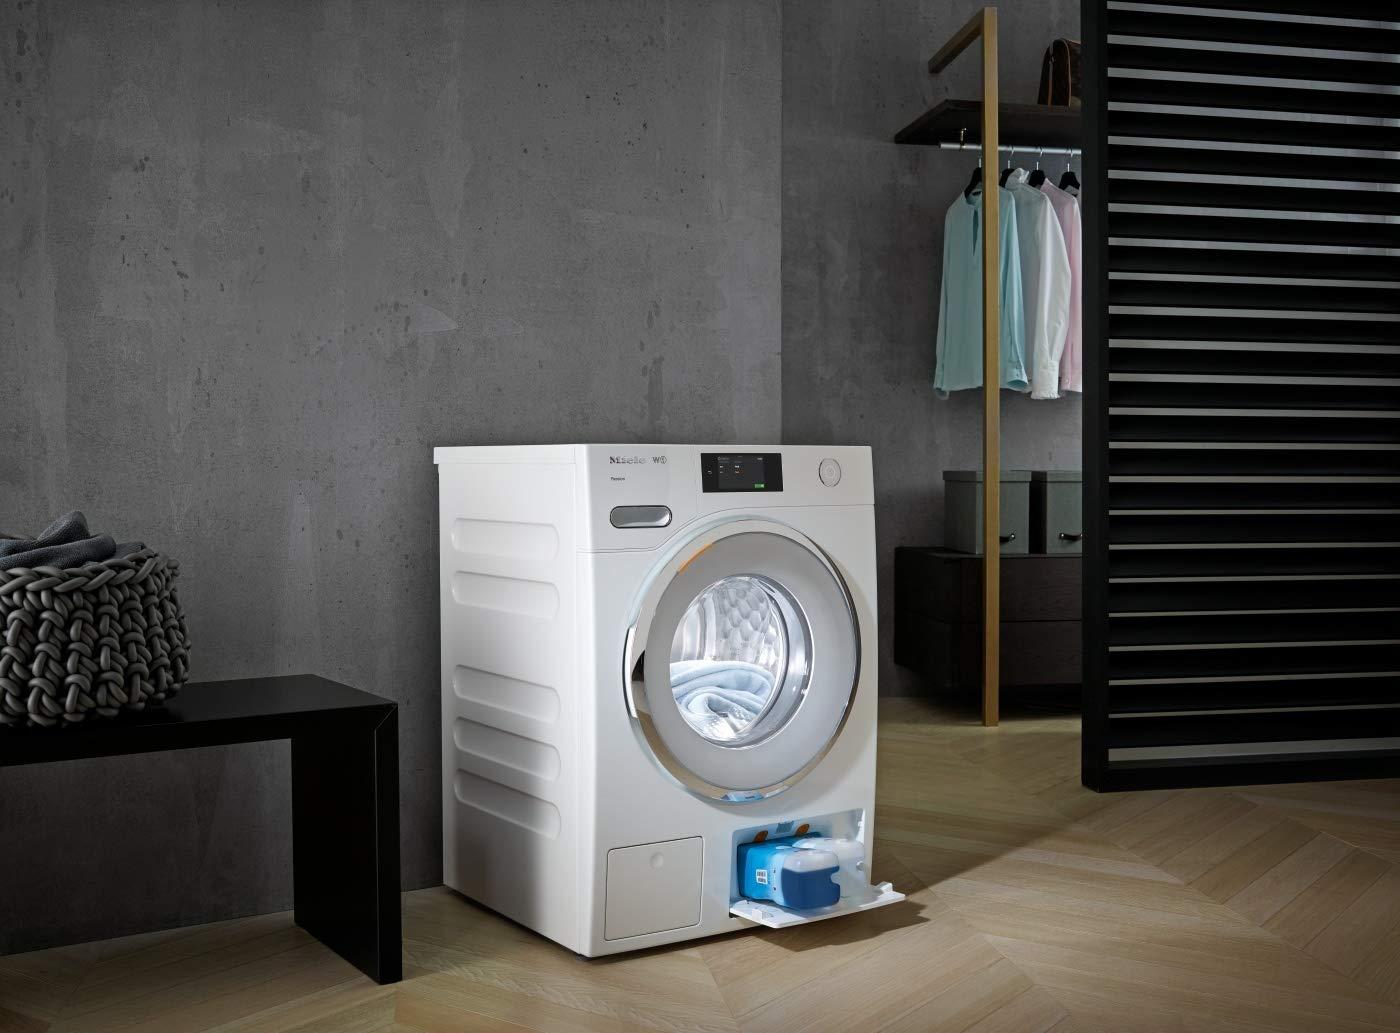 Miele wwv 980 wps passion waschmaschine a 109kwh jahr mit